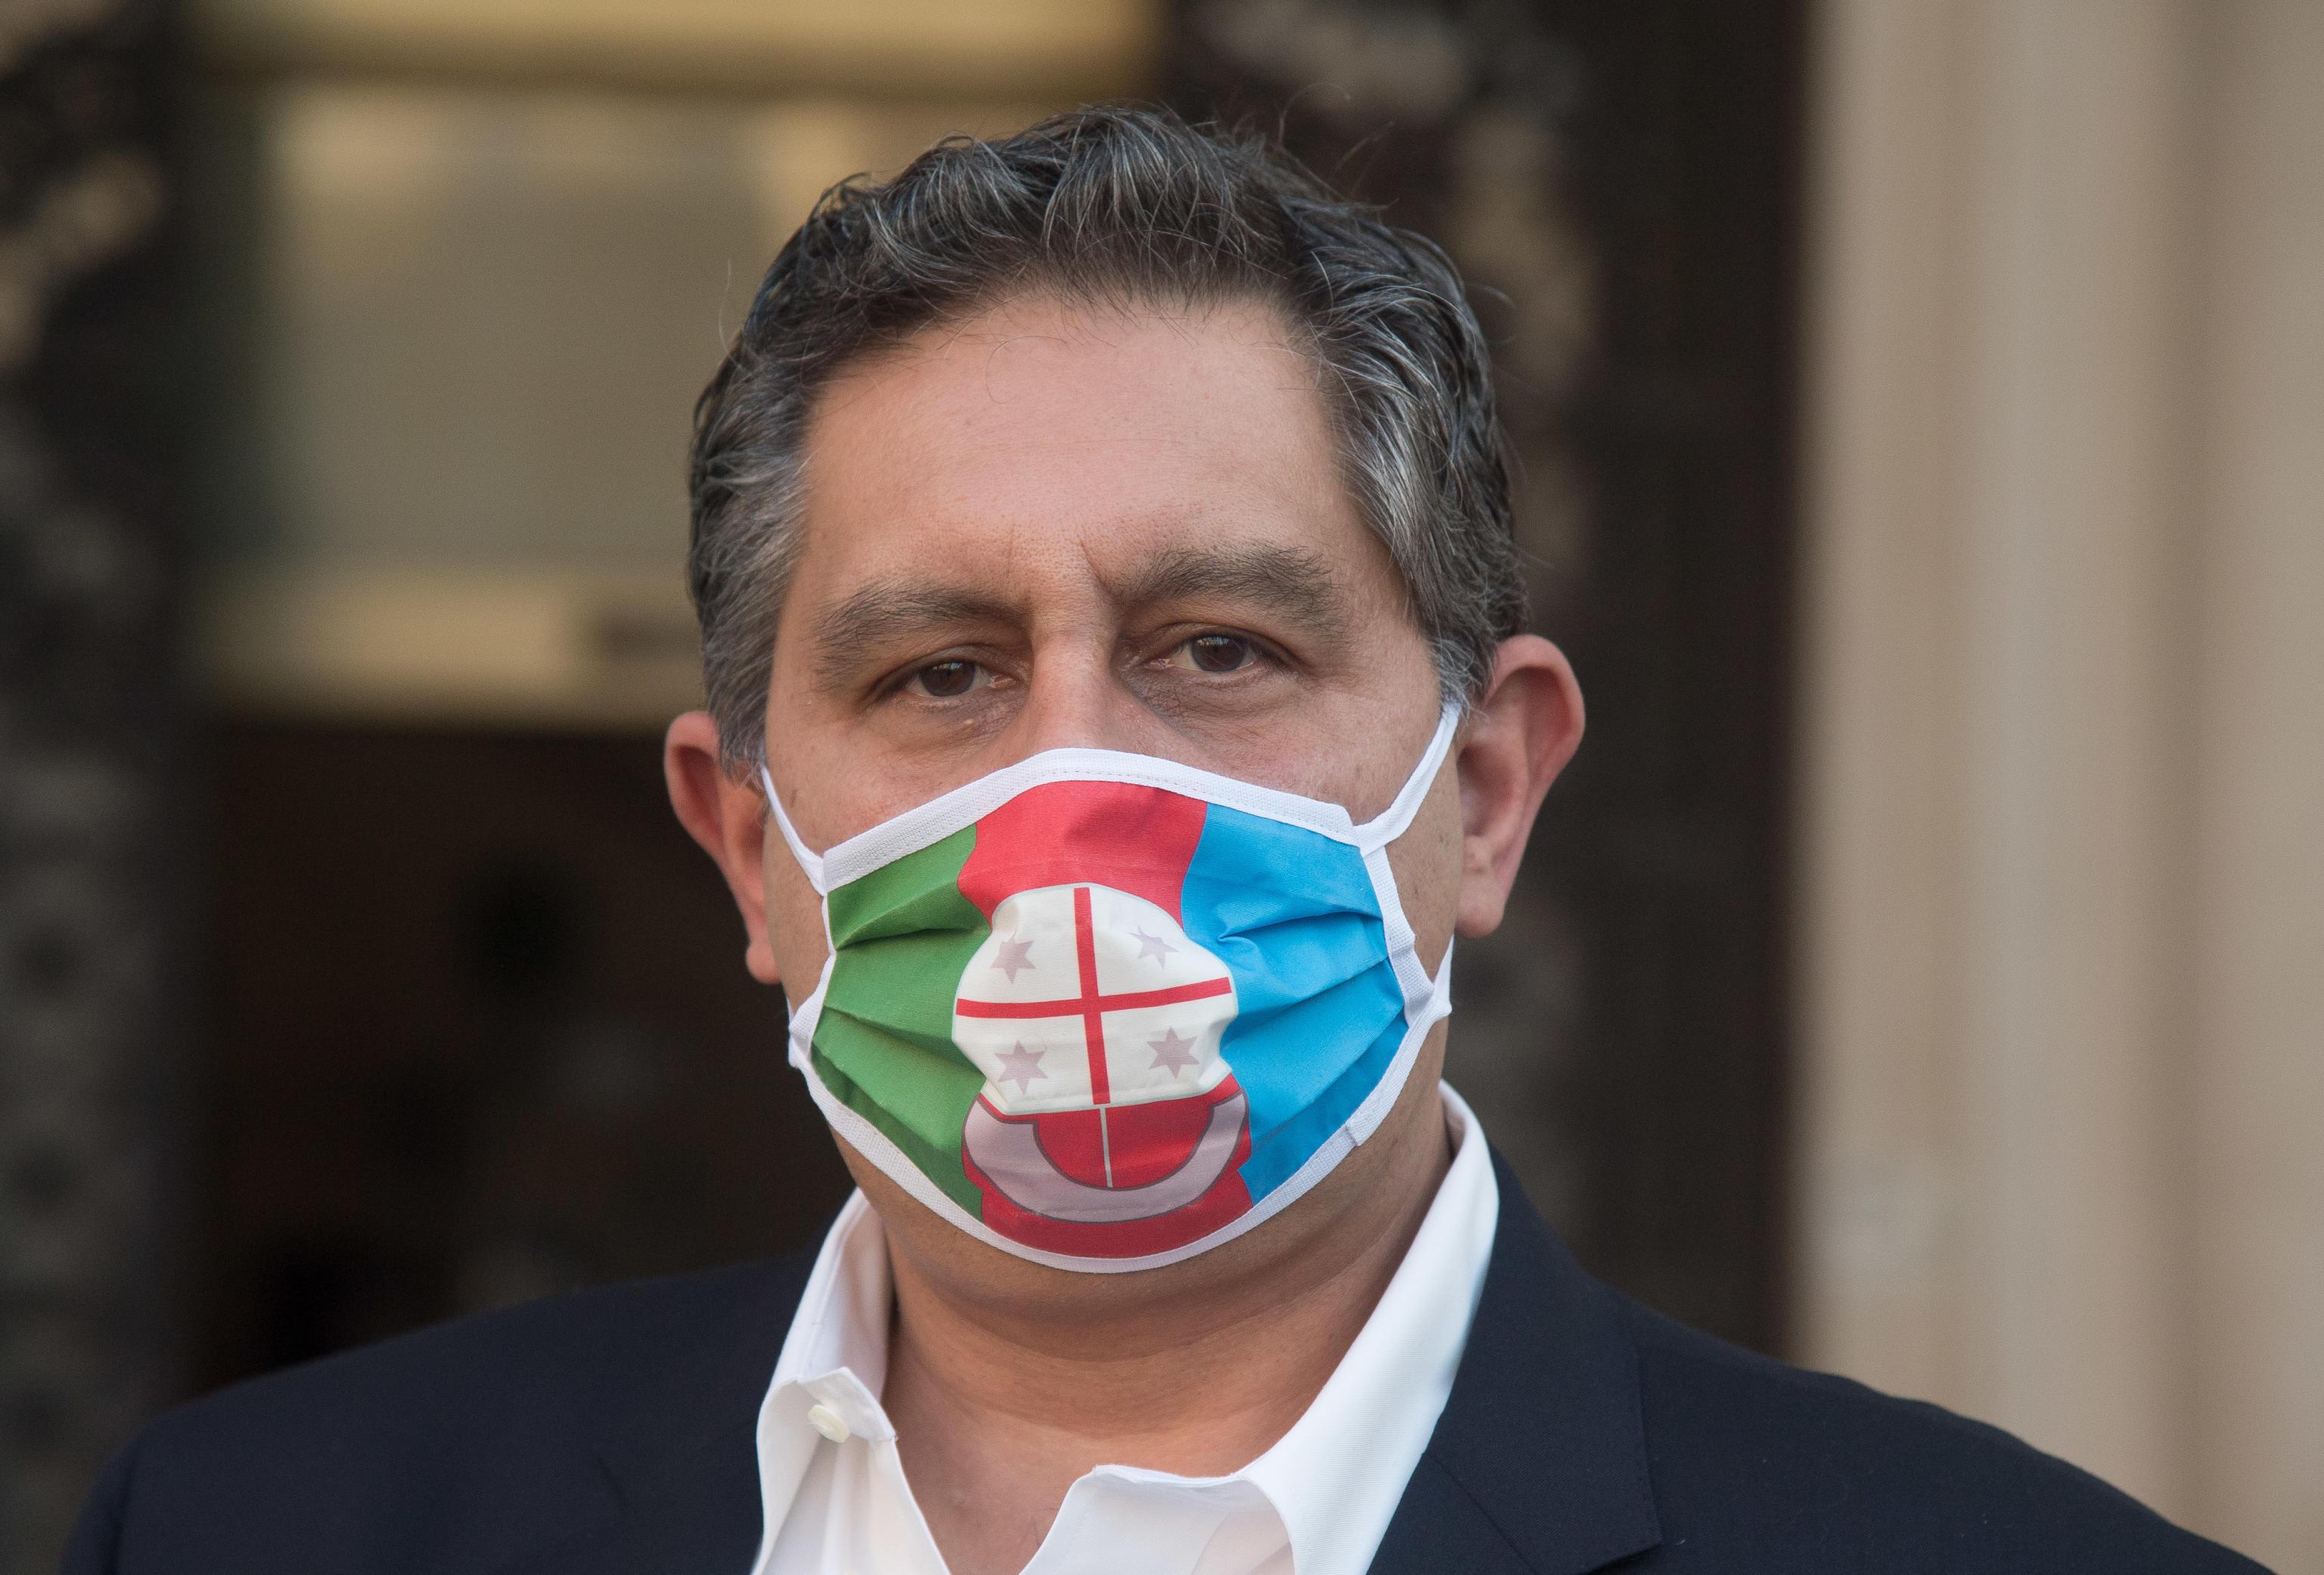 La denuncia di Toti: «A Roma pensano a salvare le poltrone mentre qui non arrivano vaccini»